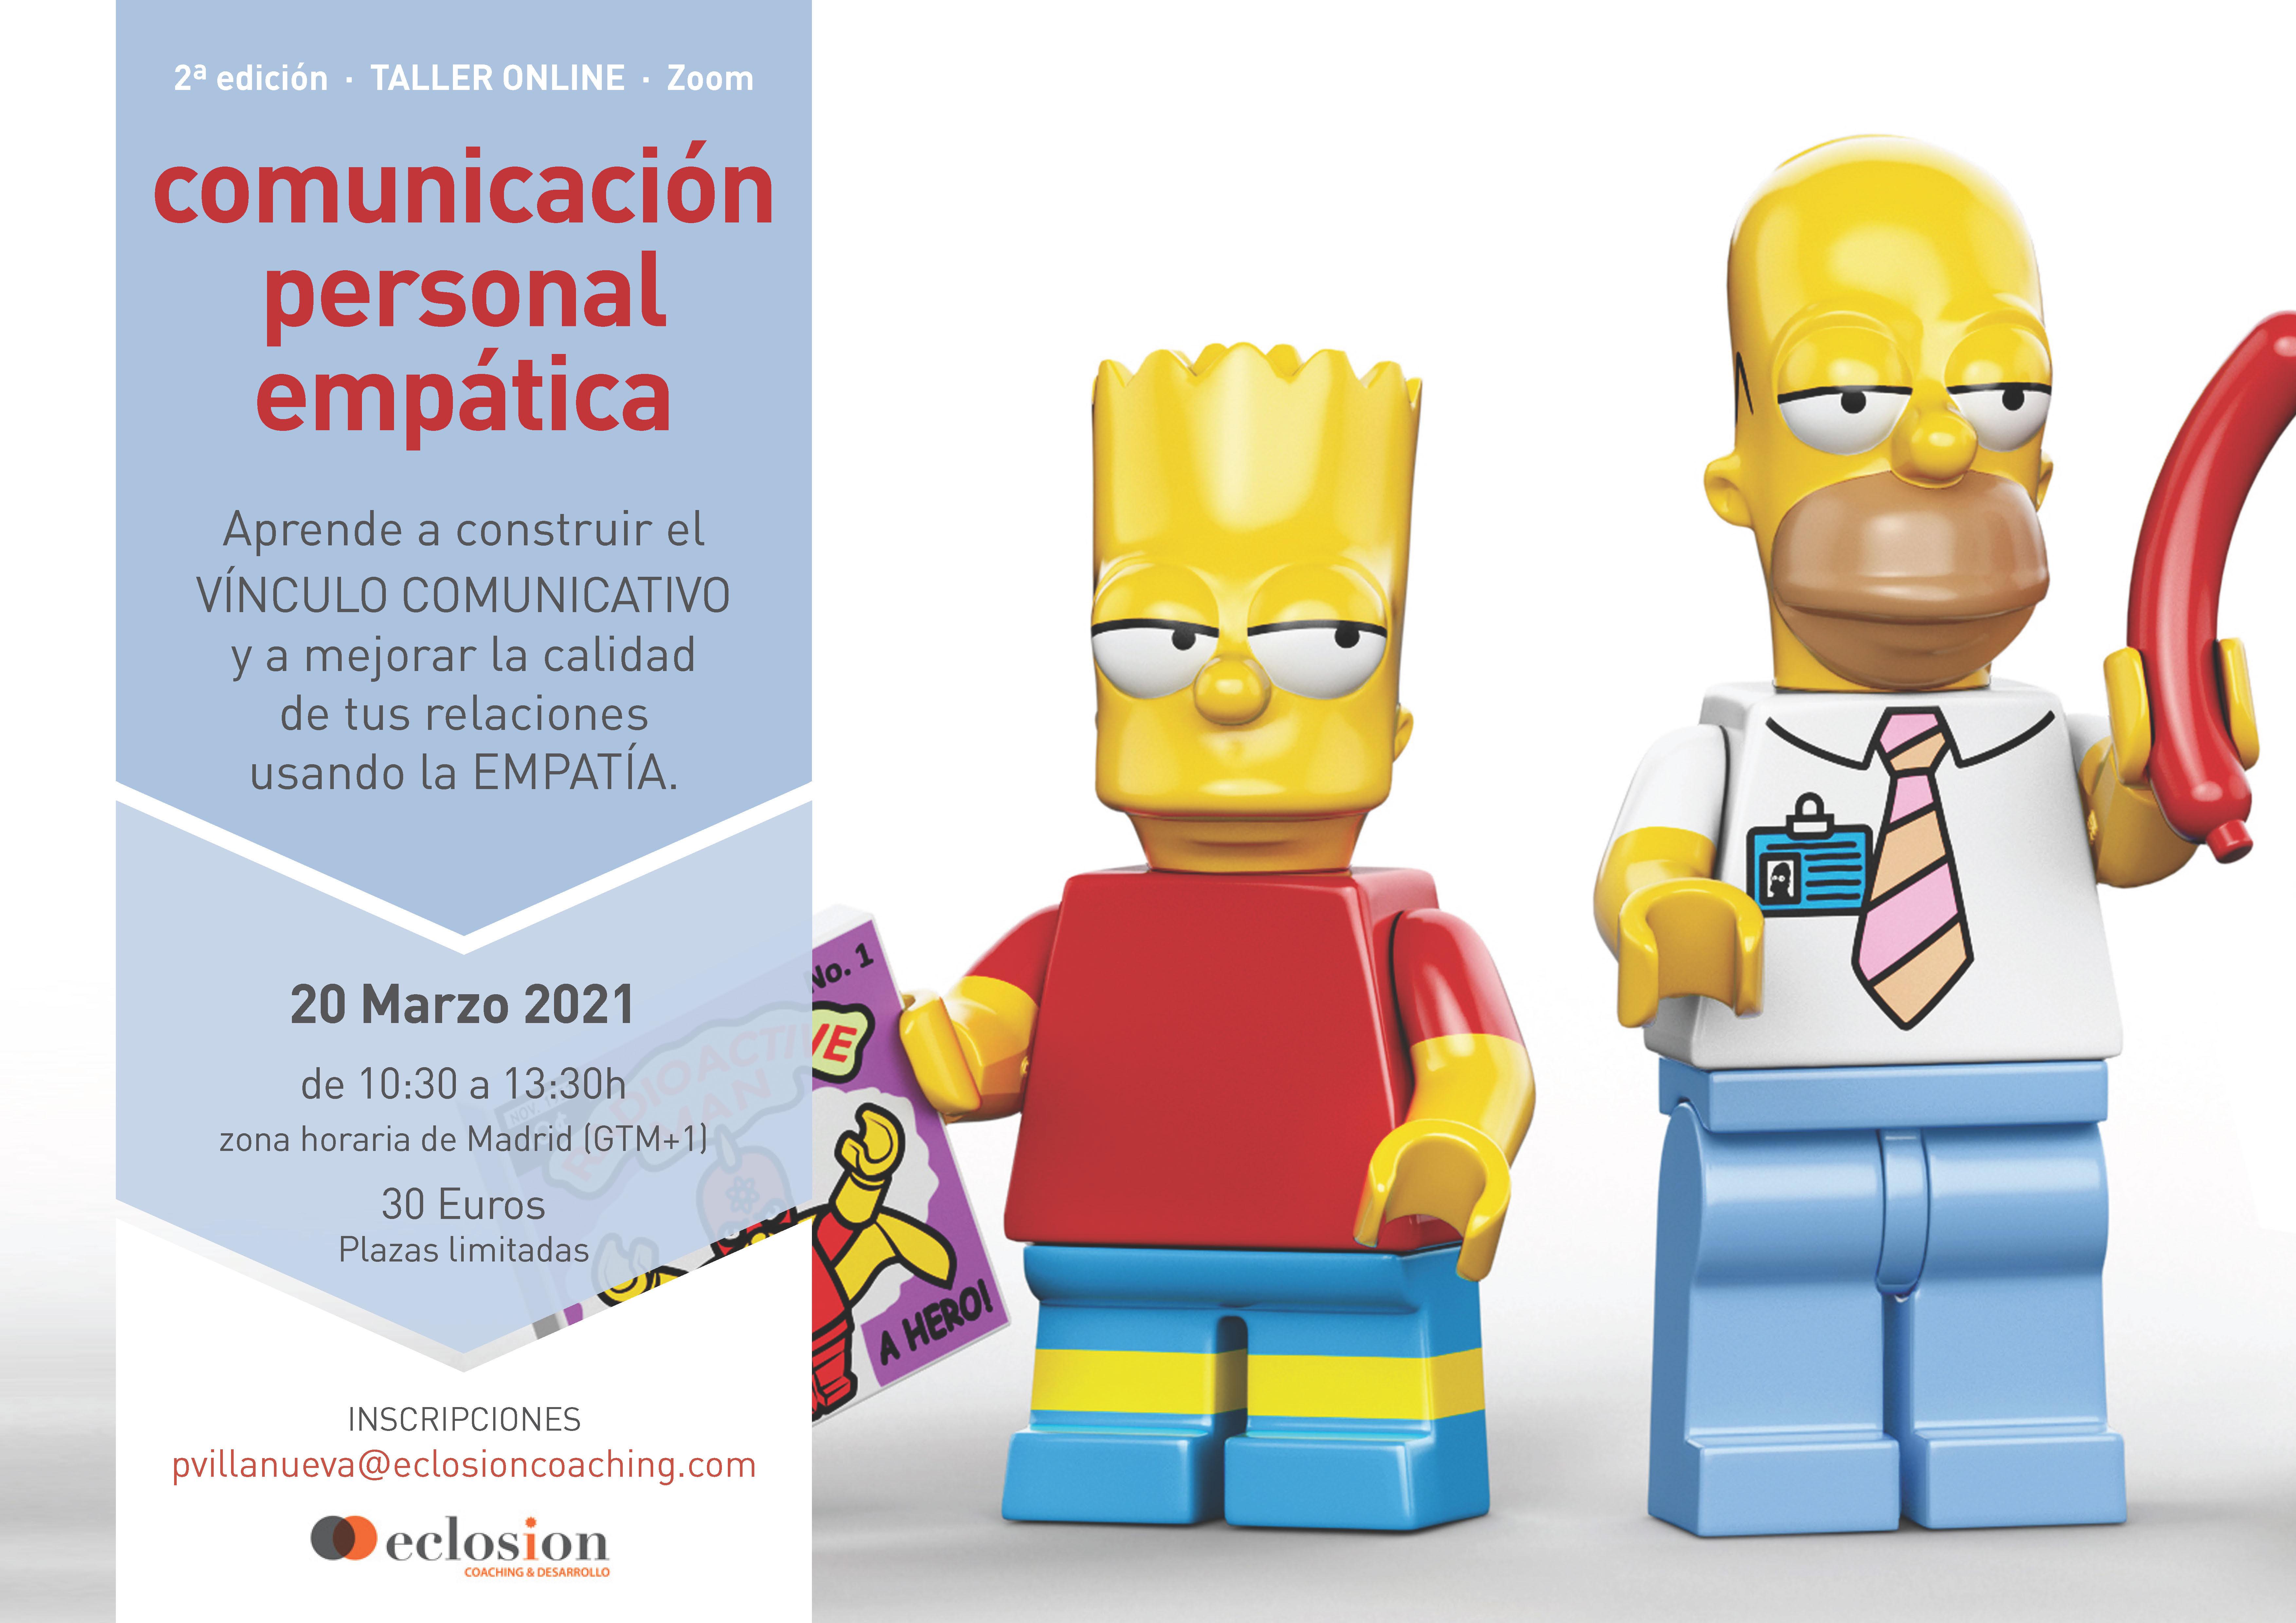 Publicidad curso online - comunicacion - 20mar2021